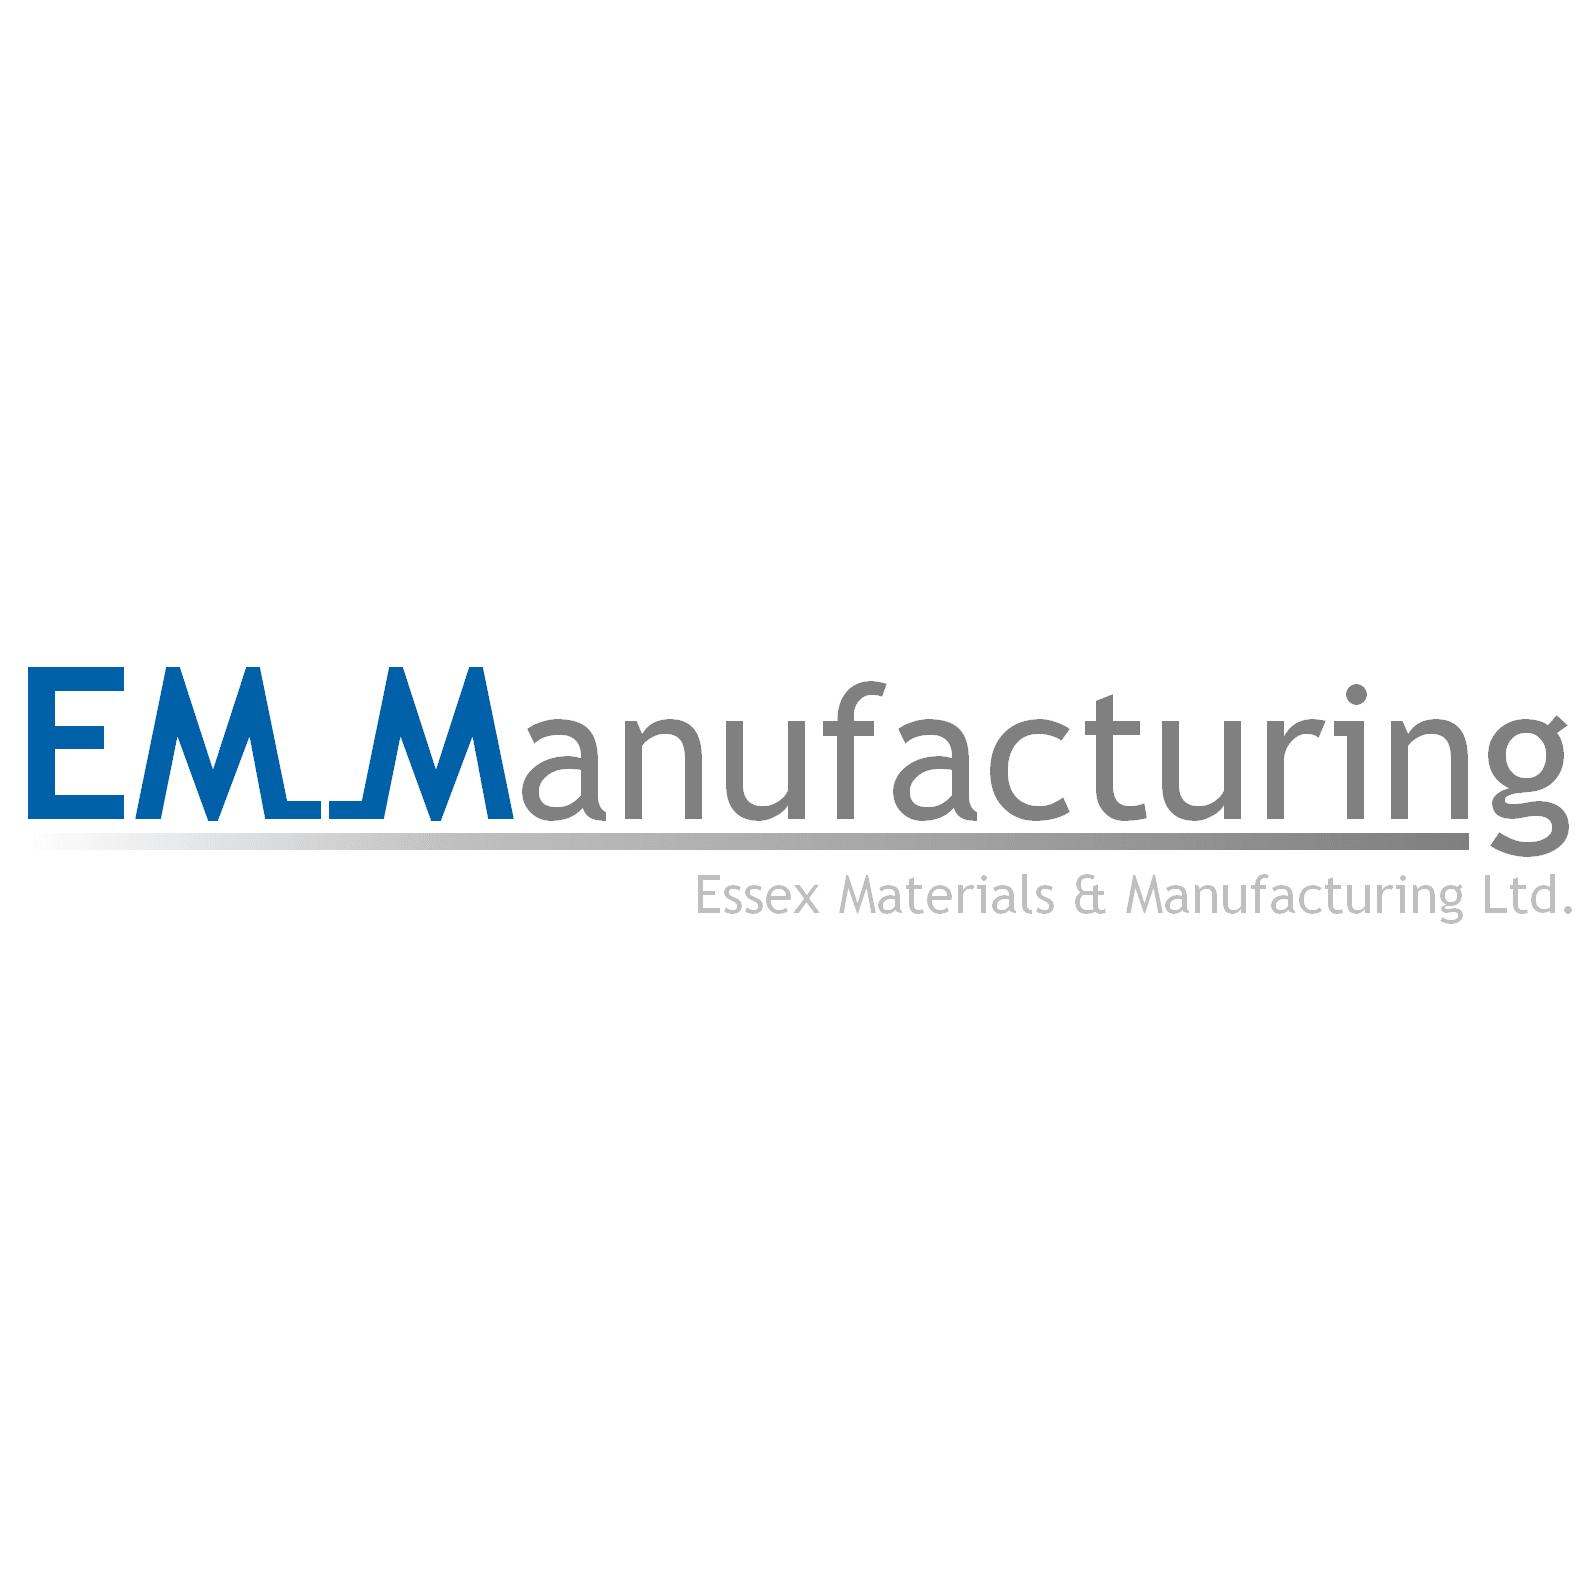 Essex Materials & Manufacturing Ltd